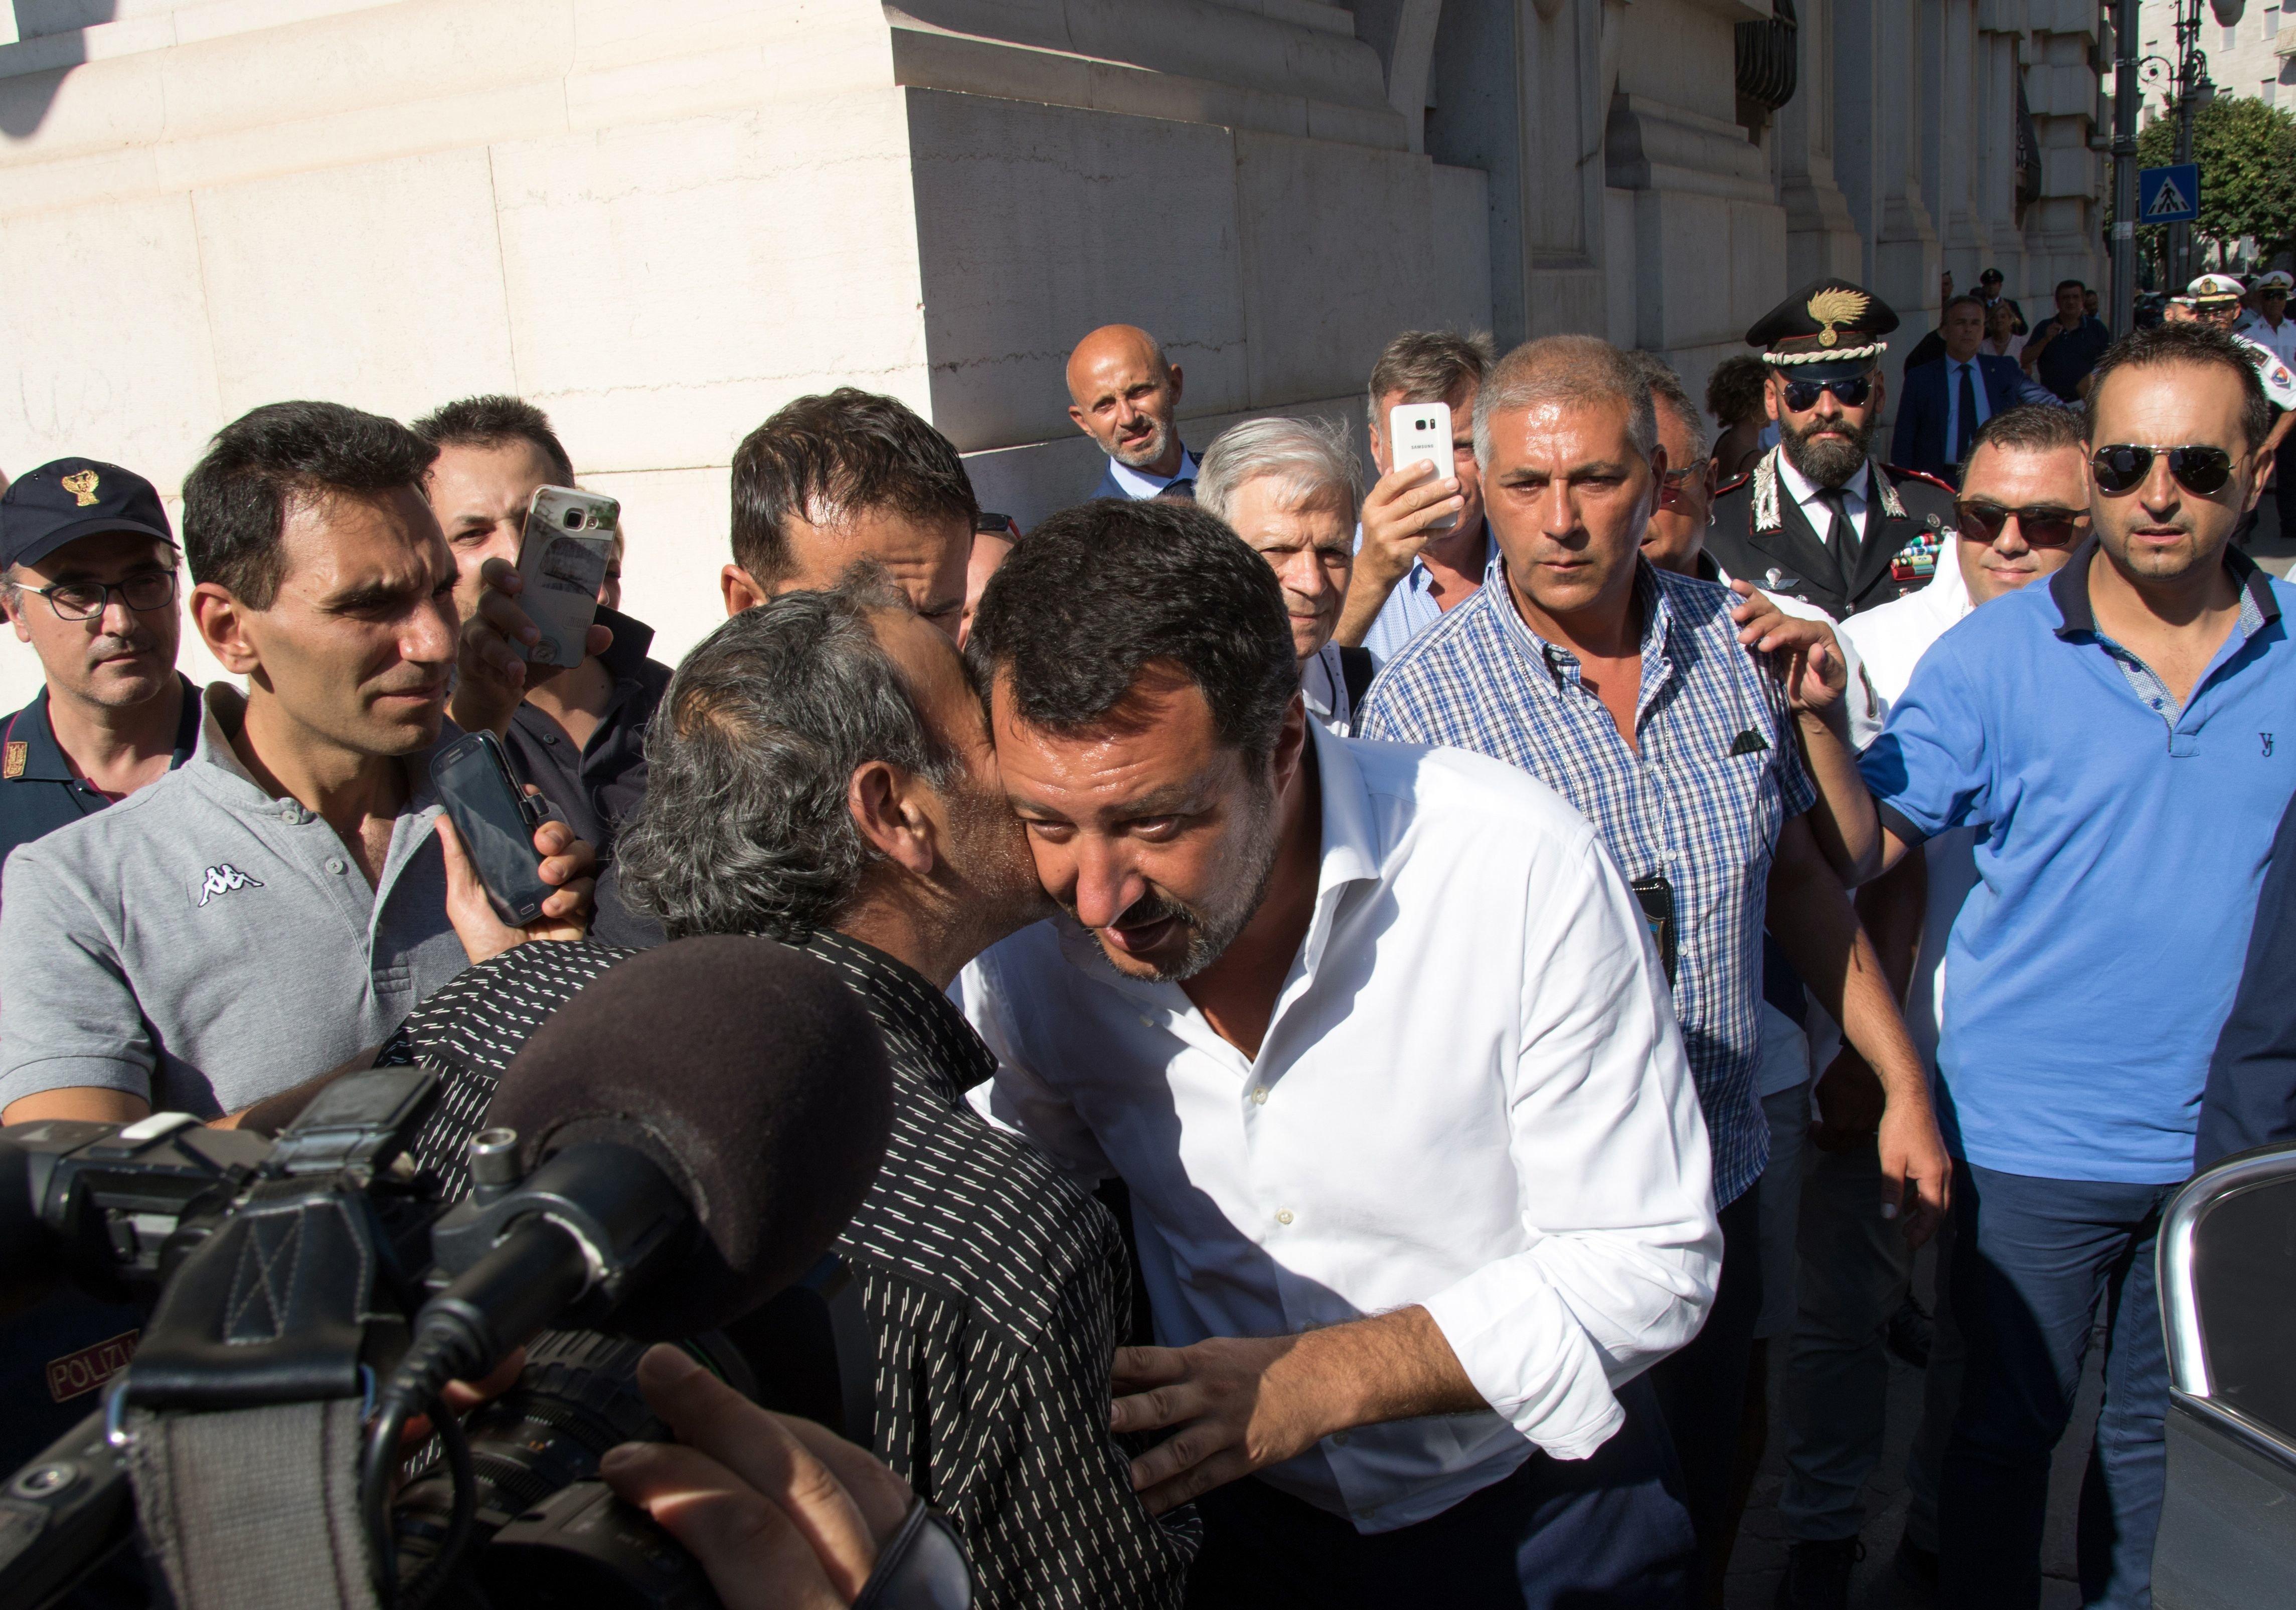 Italiens Innenminister suggeriert, die EU habe Mitschuld am